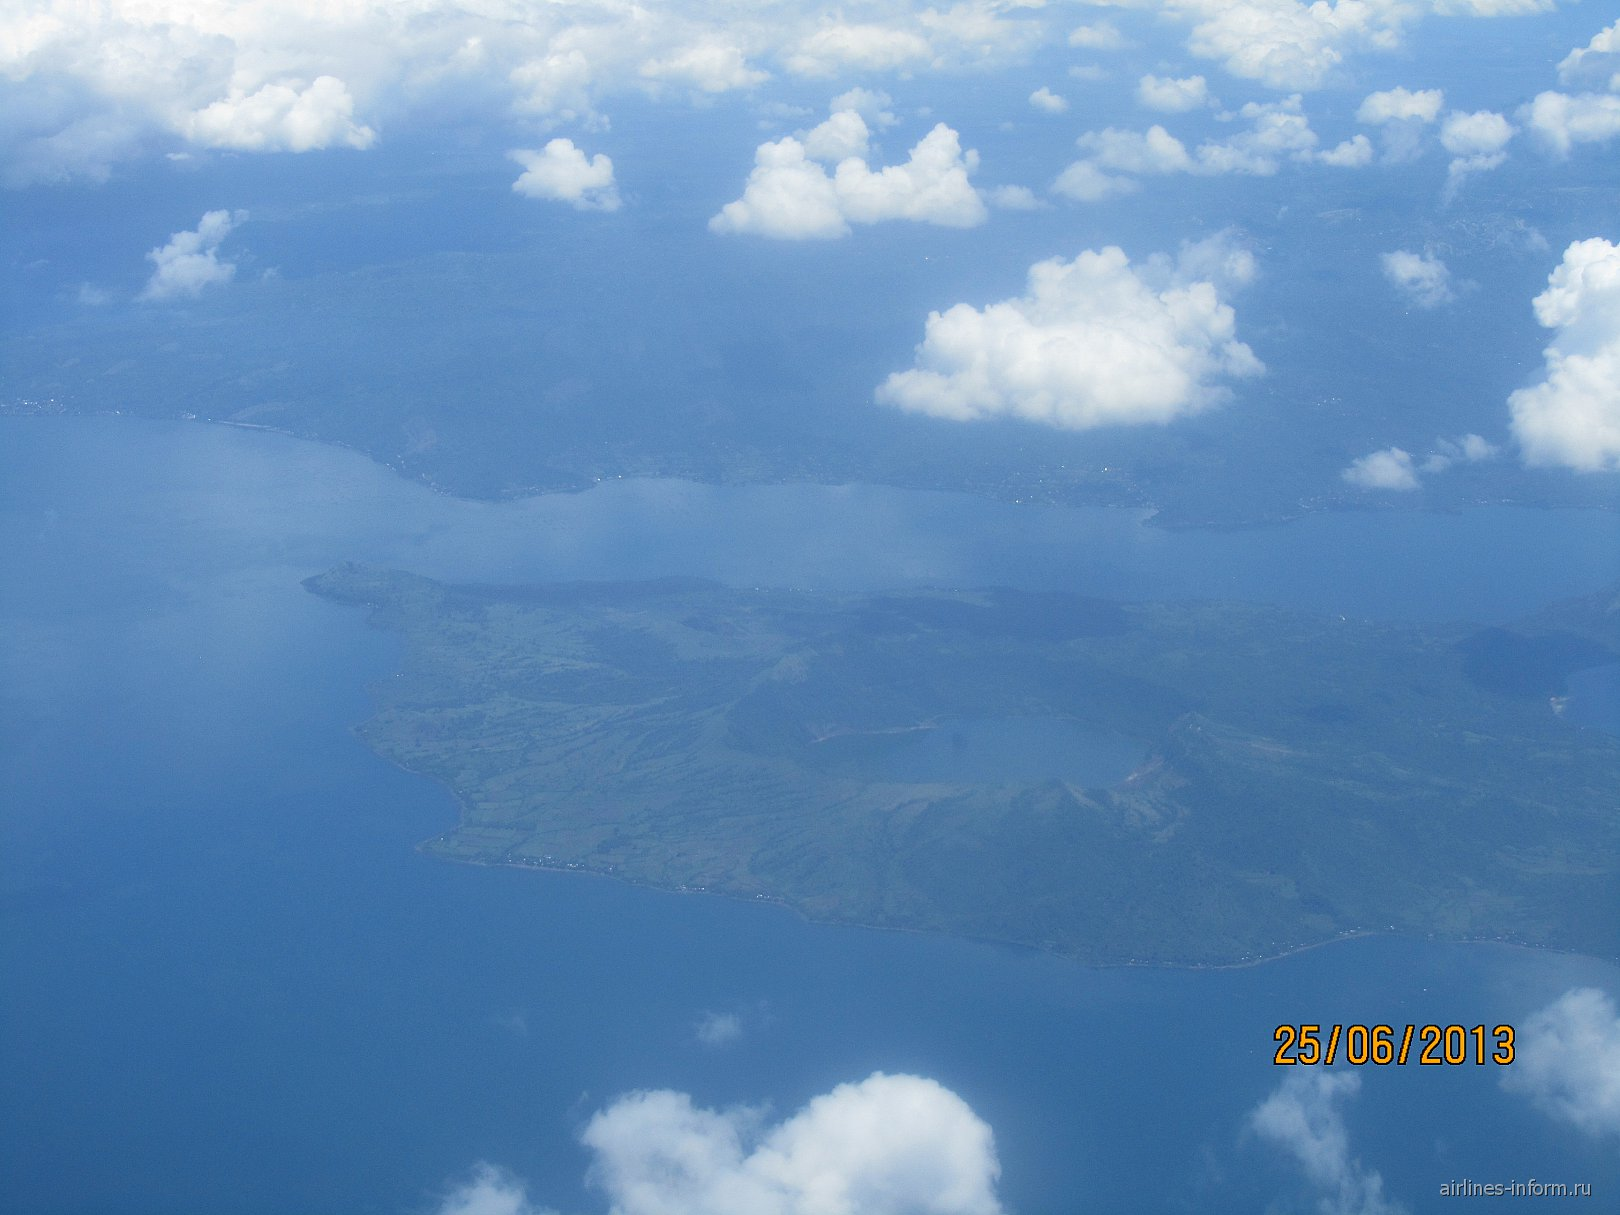 Перелет из Манилы в Катиклан